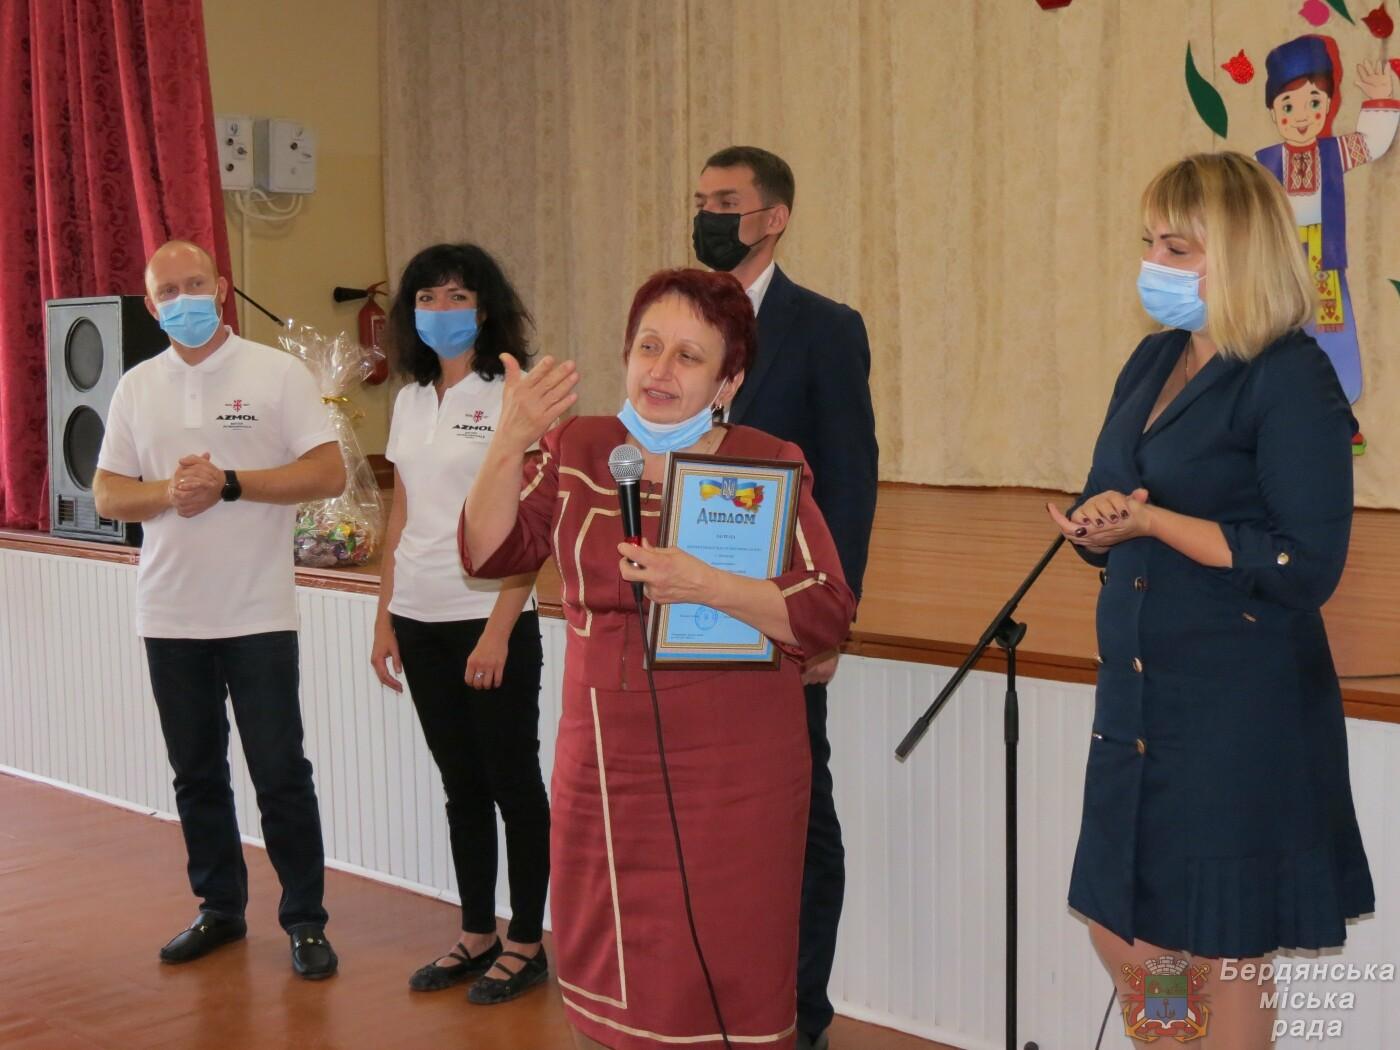 Бердянские учителя получили награды и подарки, фото-4